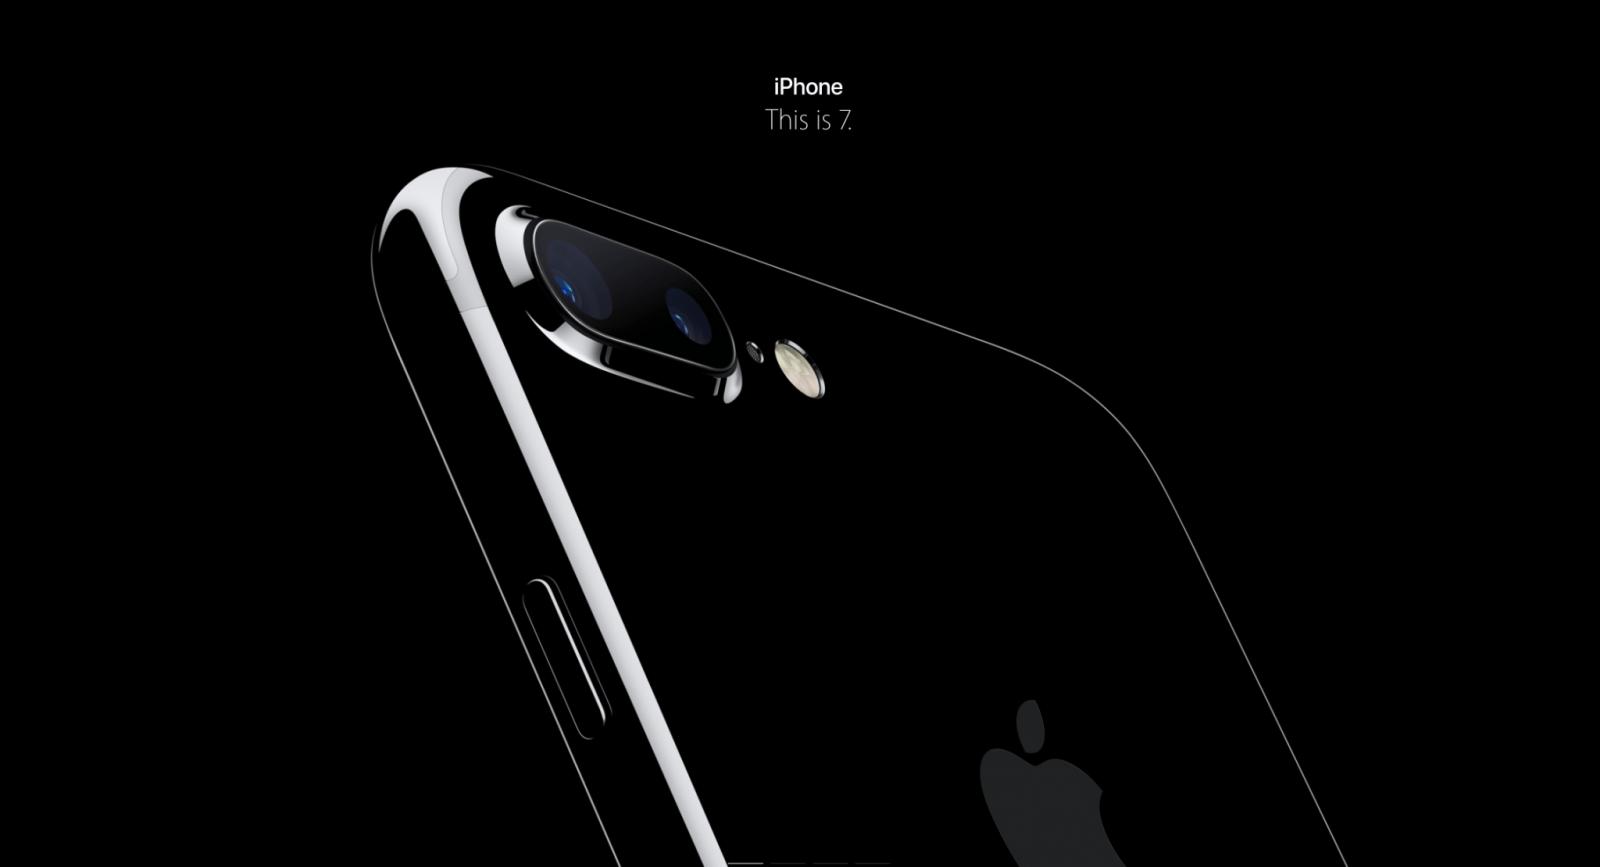 Apple pokazało Apple Watch Series 2, iPhone'a 7 i 7 Plus – podsumowanie wrześniowej konferencji Apple